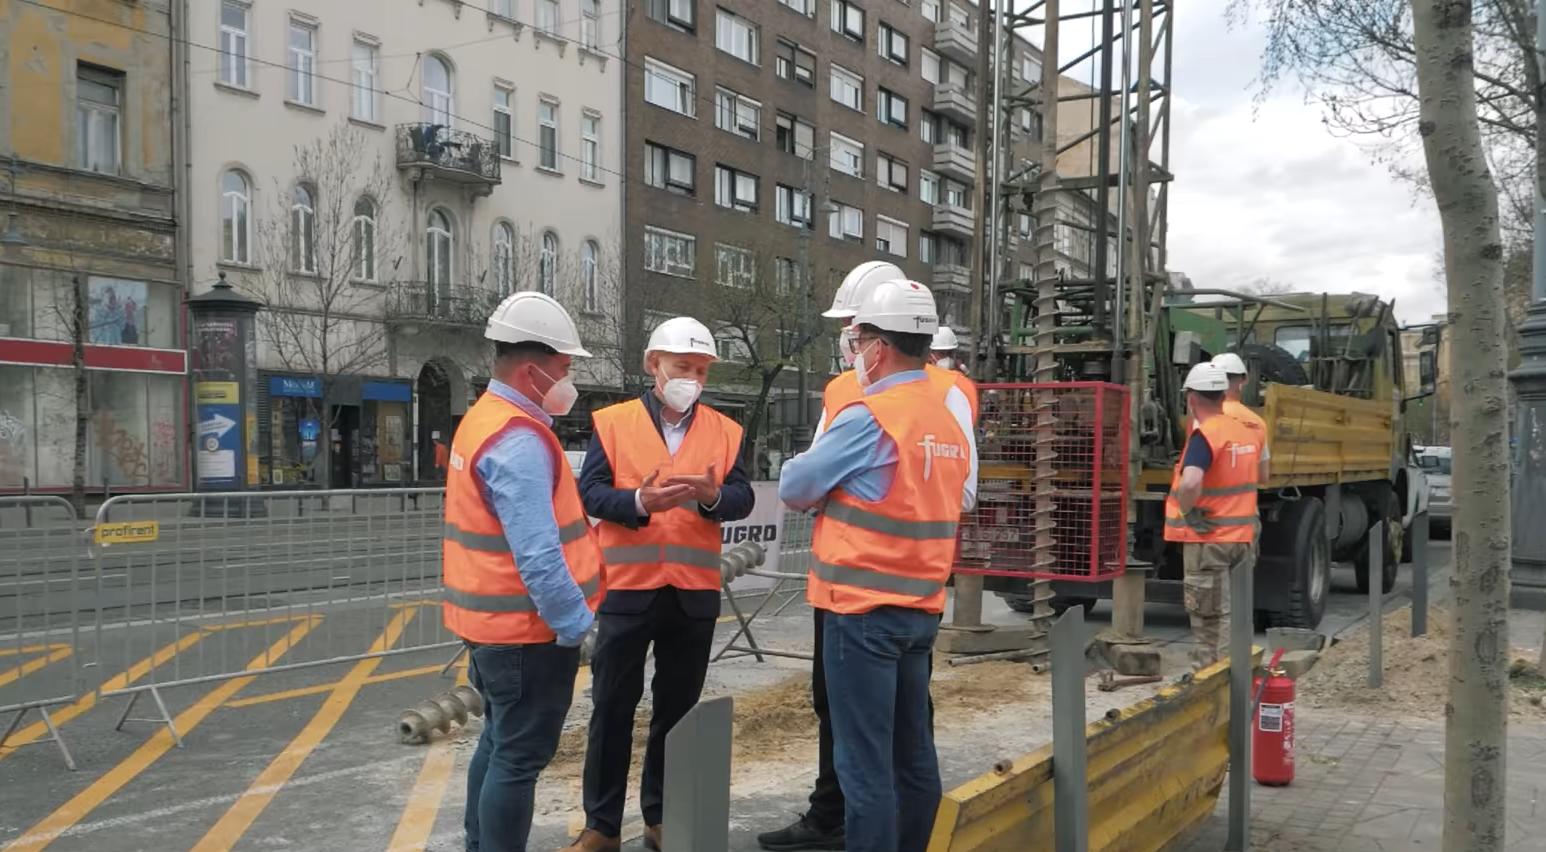 Bau einer neuen U-Bahn-Linie beginnt in Budapest